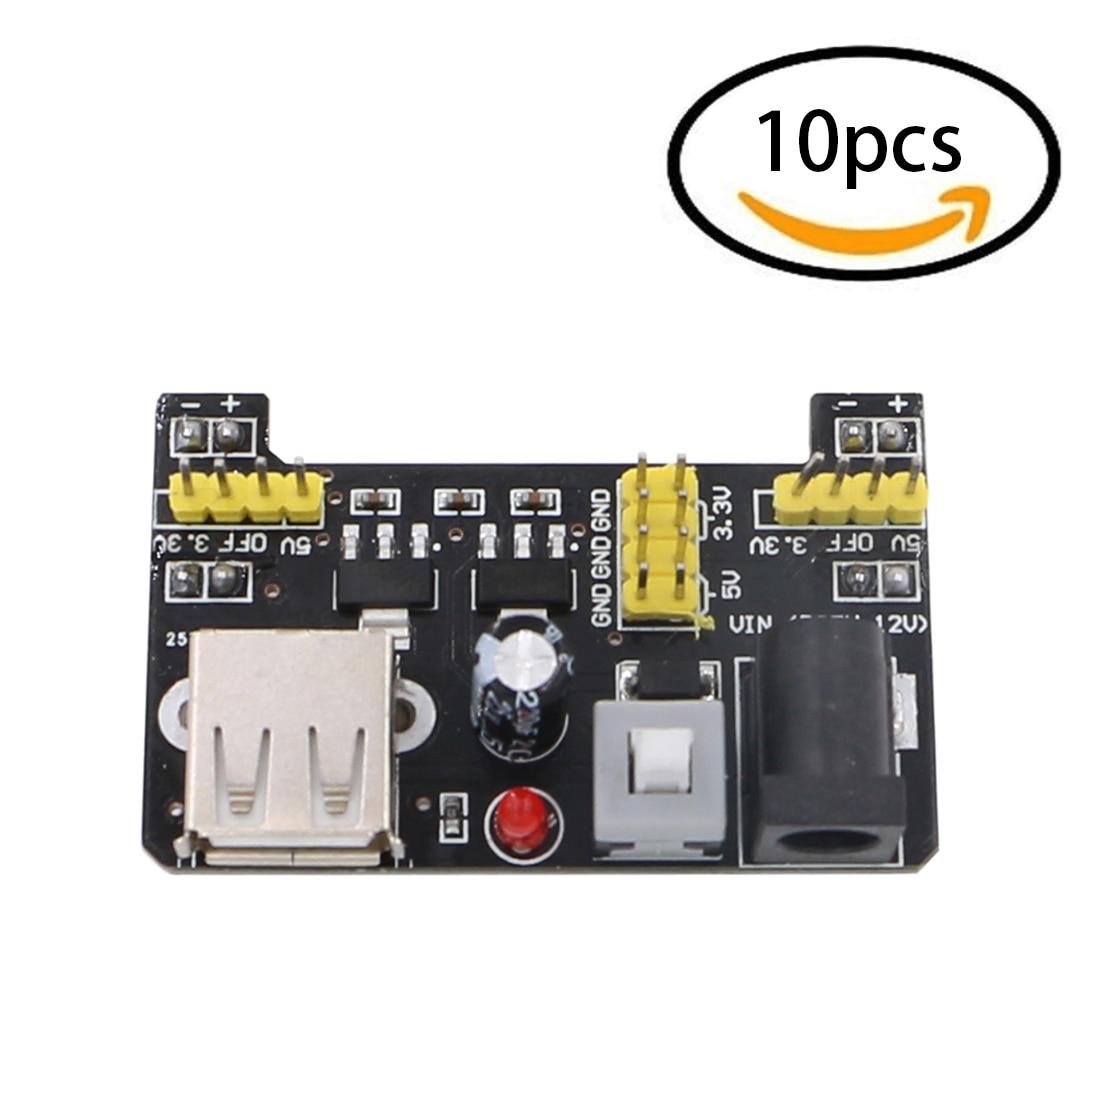 10PCS Breadboard Power Module Adapter Shield 3.3V/5V For Arduino